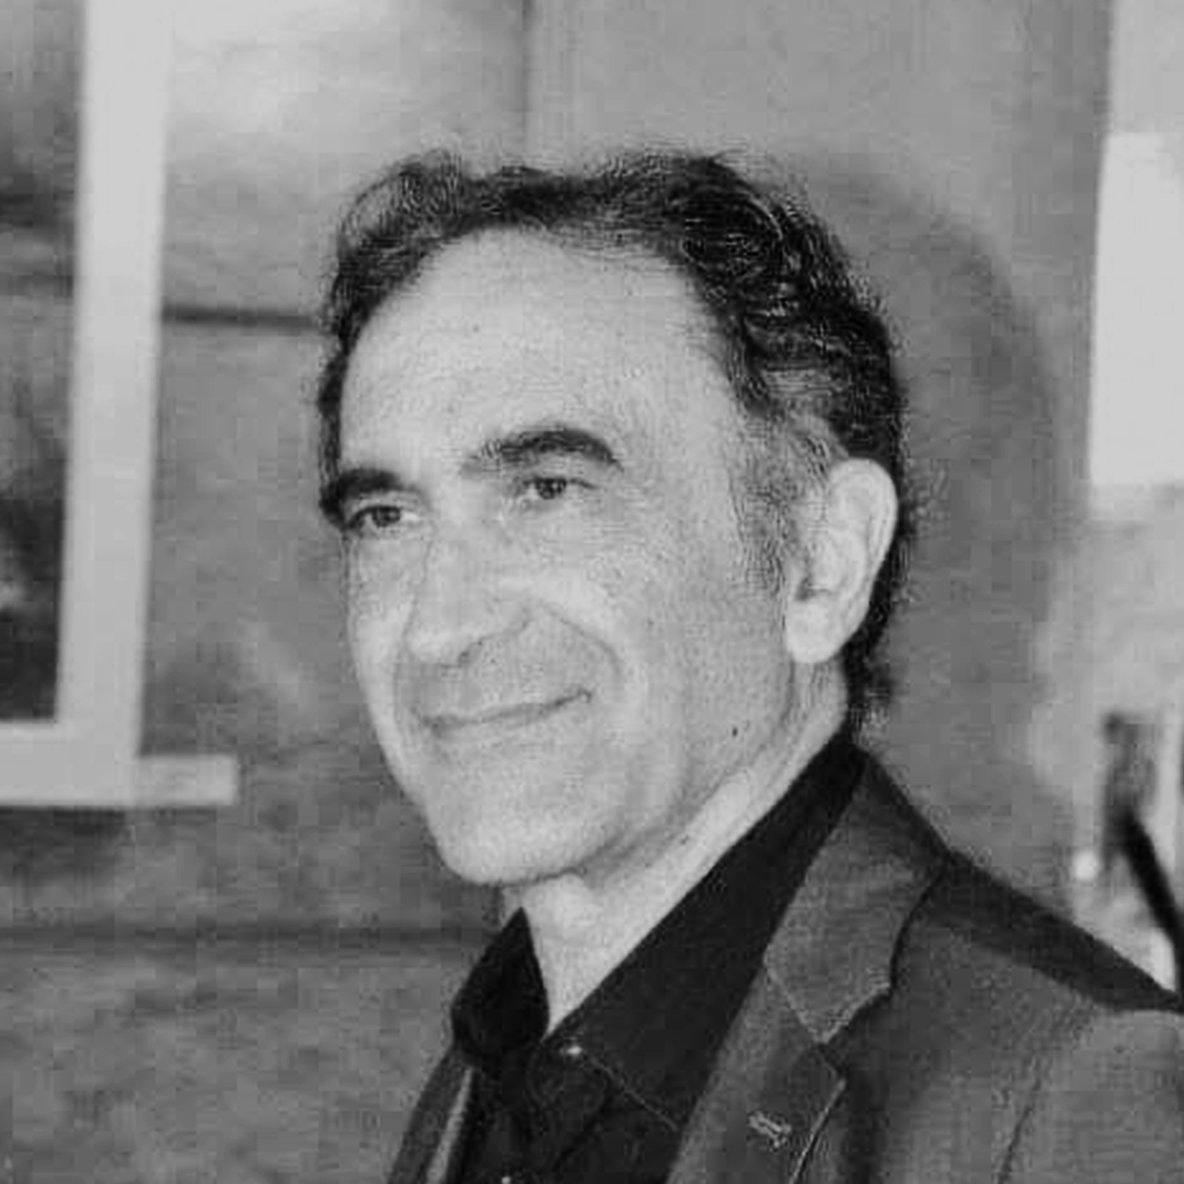 Profile Picture Pietro Canale